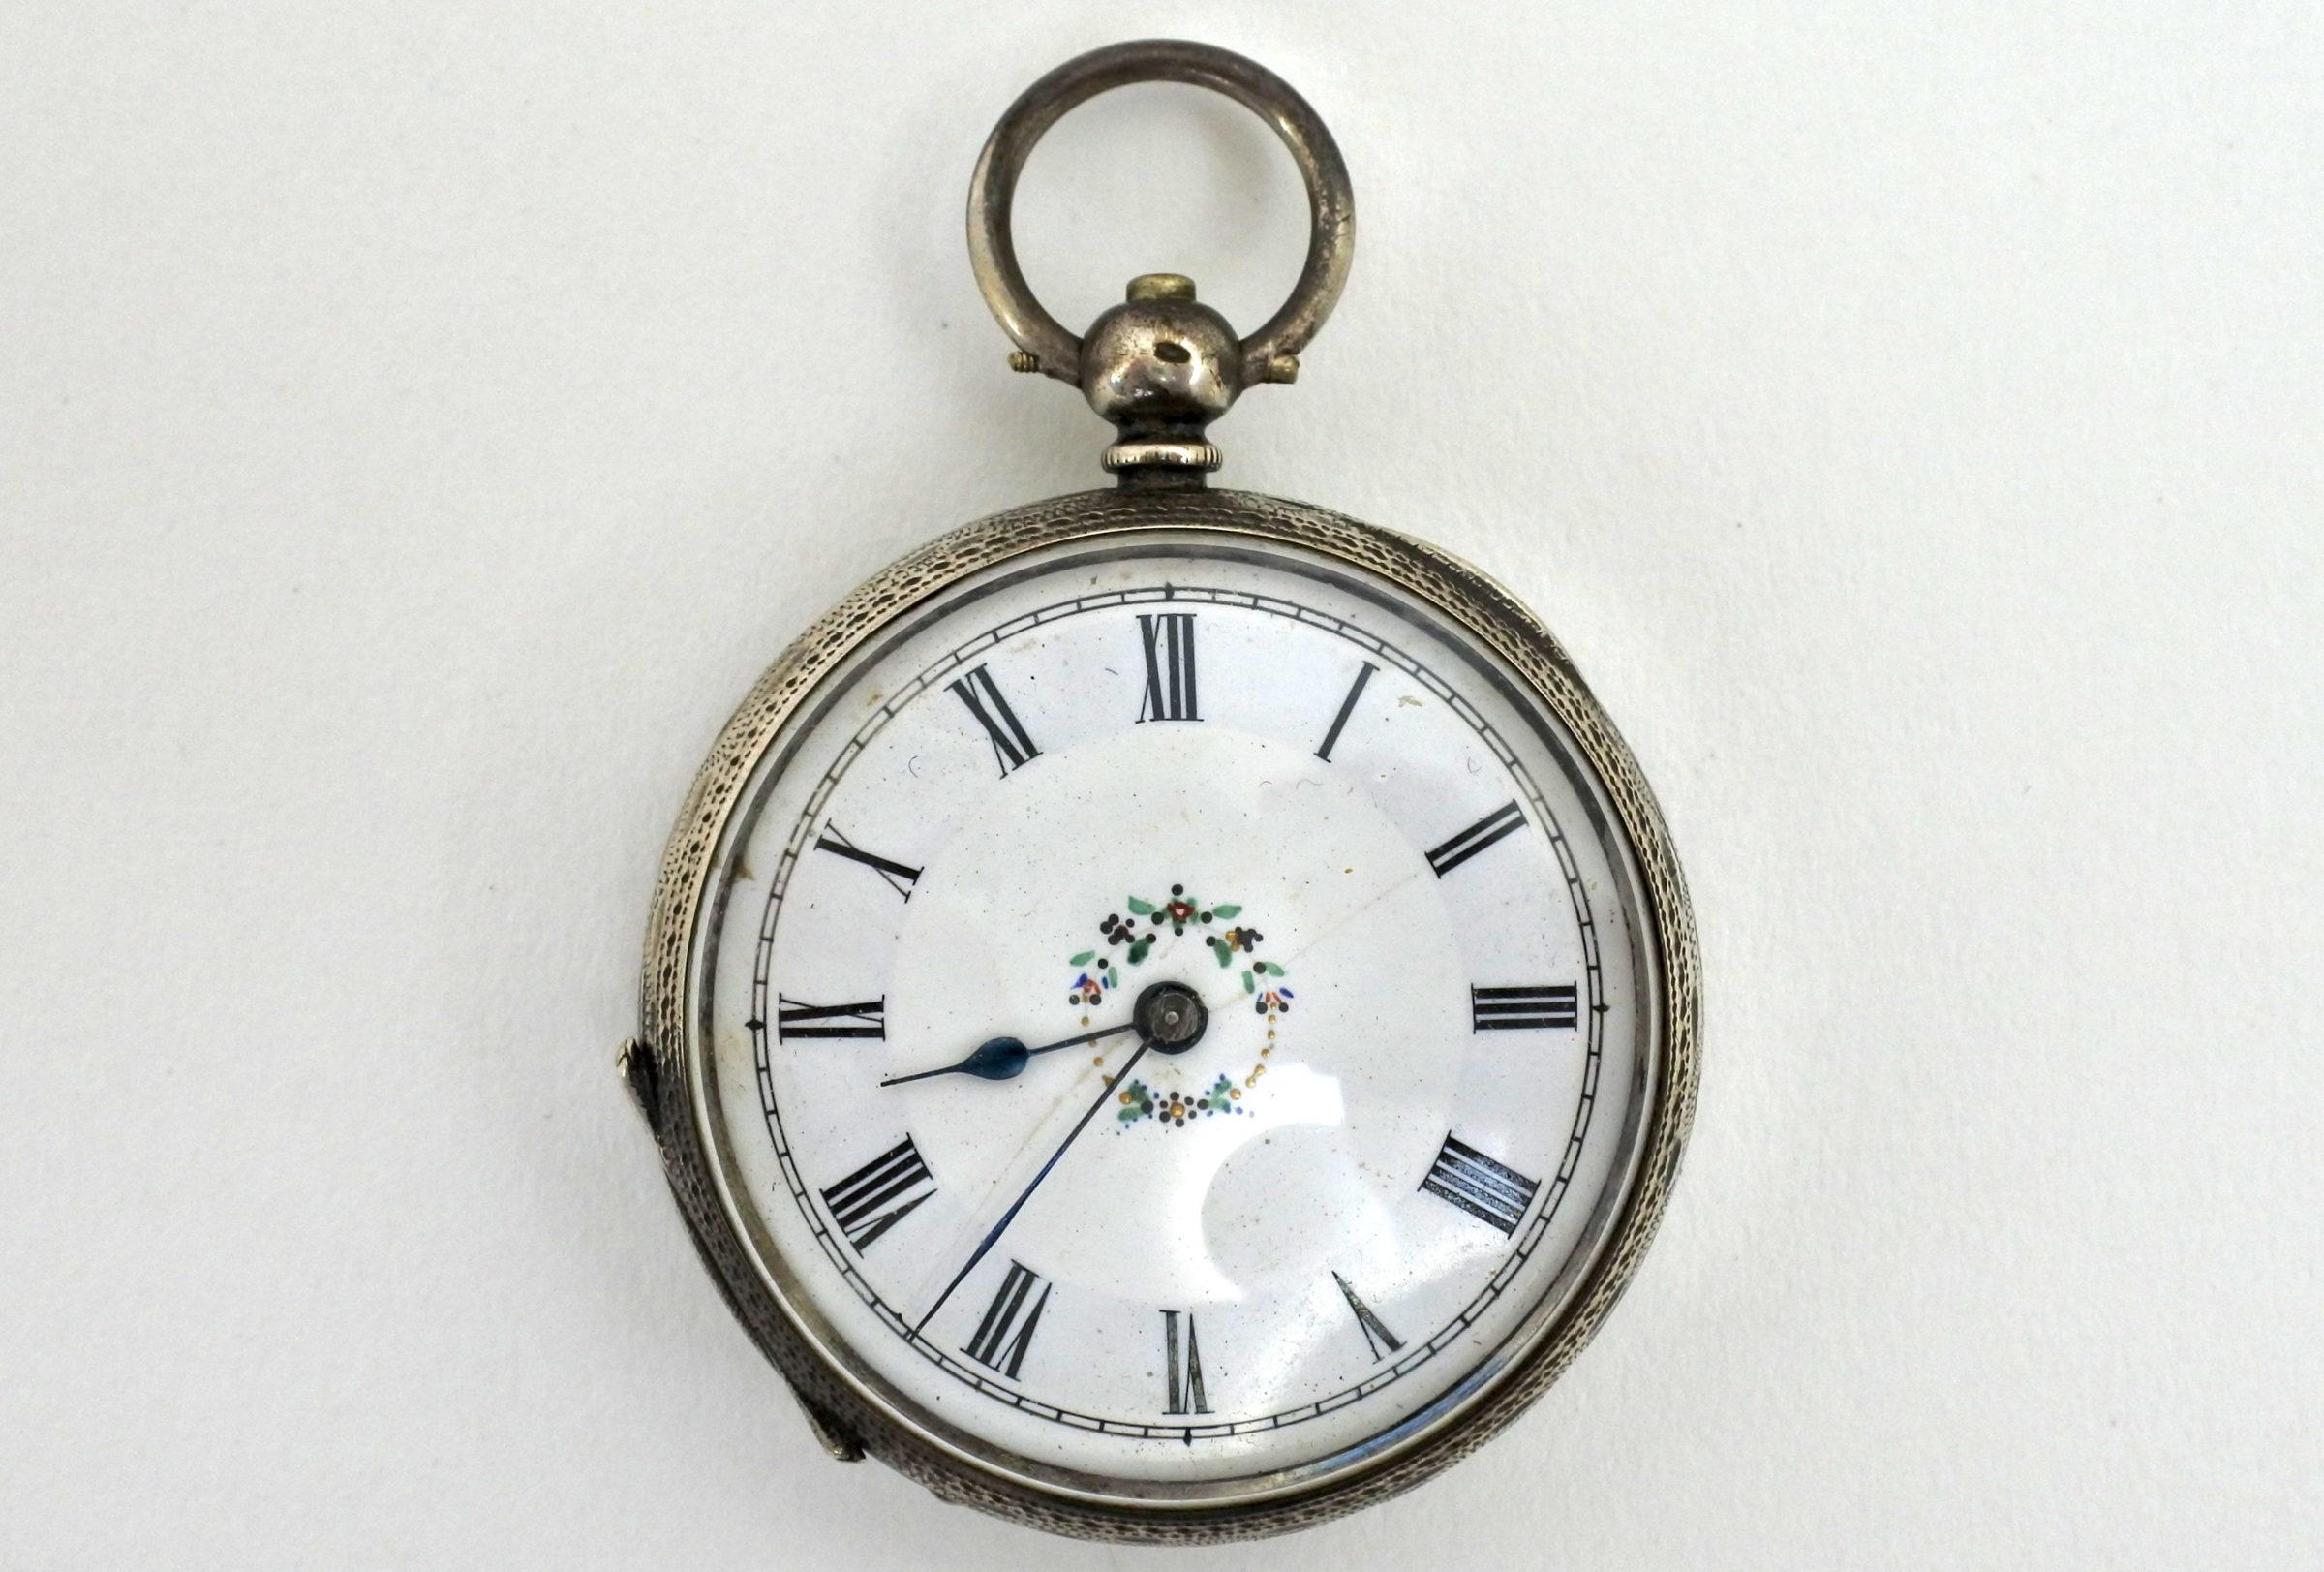 Orologio da tasca in argento con carica a chiavetta. Diametro cassa 40 mm